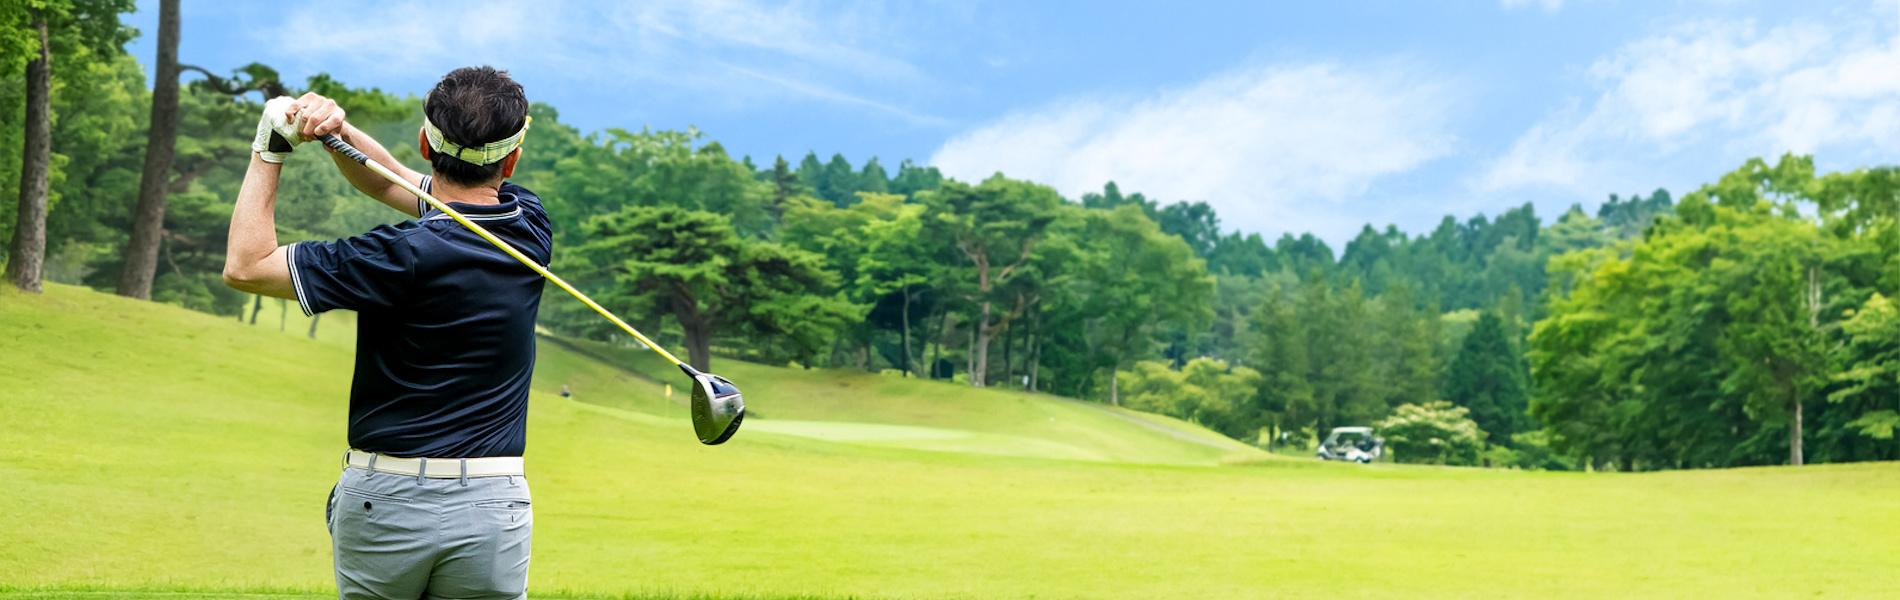 お客様のためのゴルフスクール